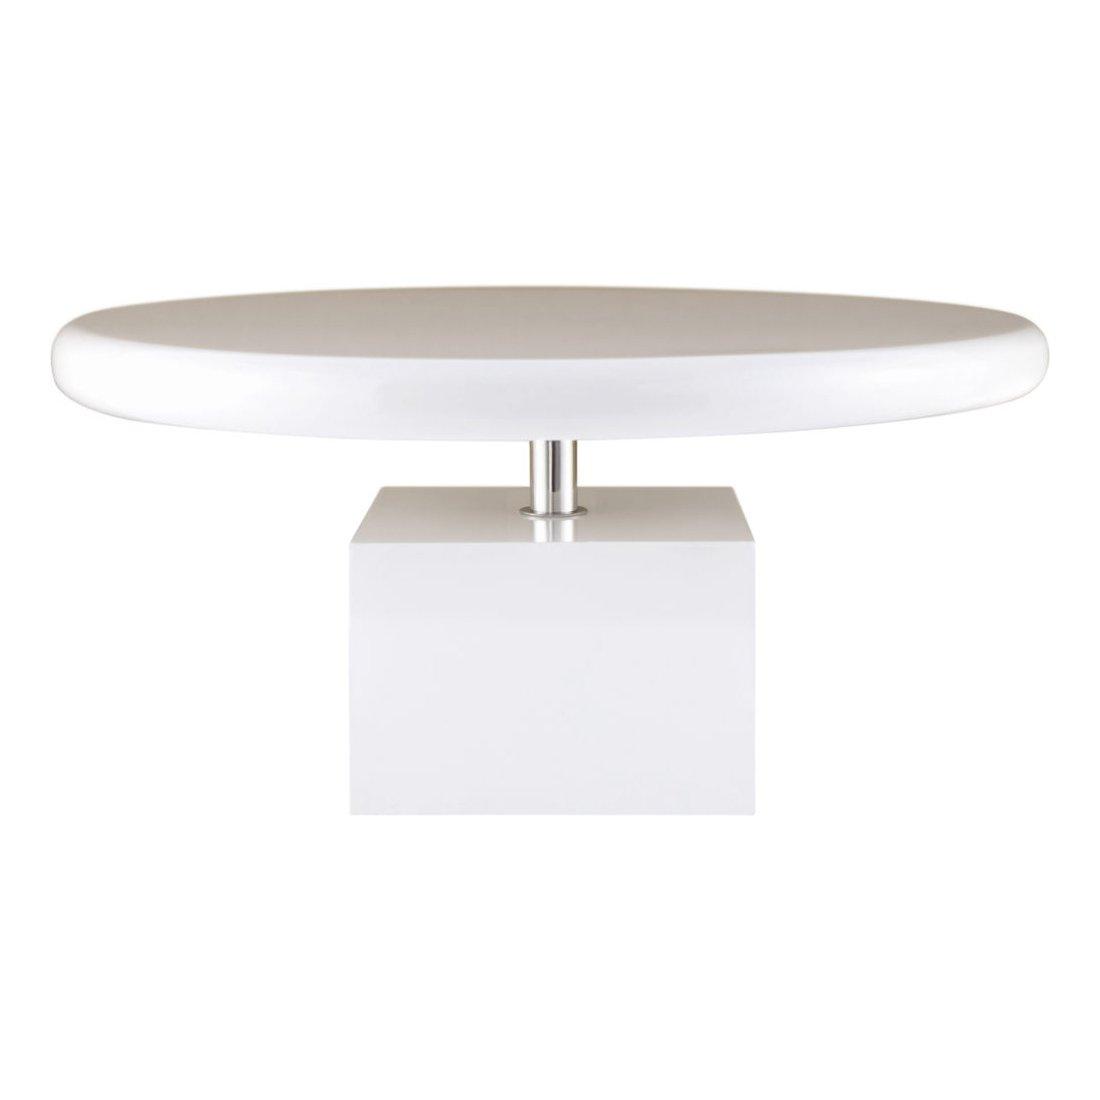 Купить Поднос на подставке / HA14002 (Tray) в интернет магазине дизайнерской мебели и аксессуаров для дома и дачи